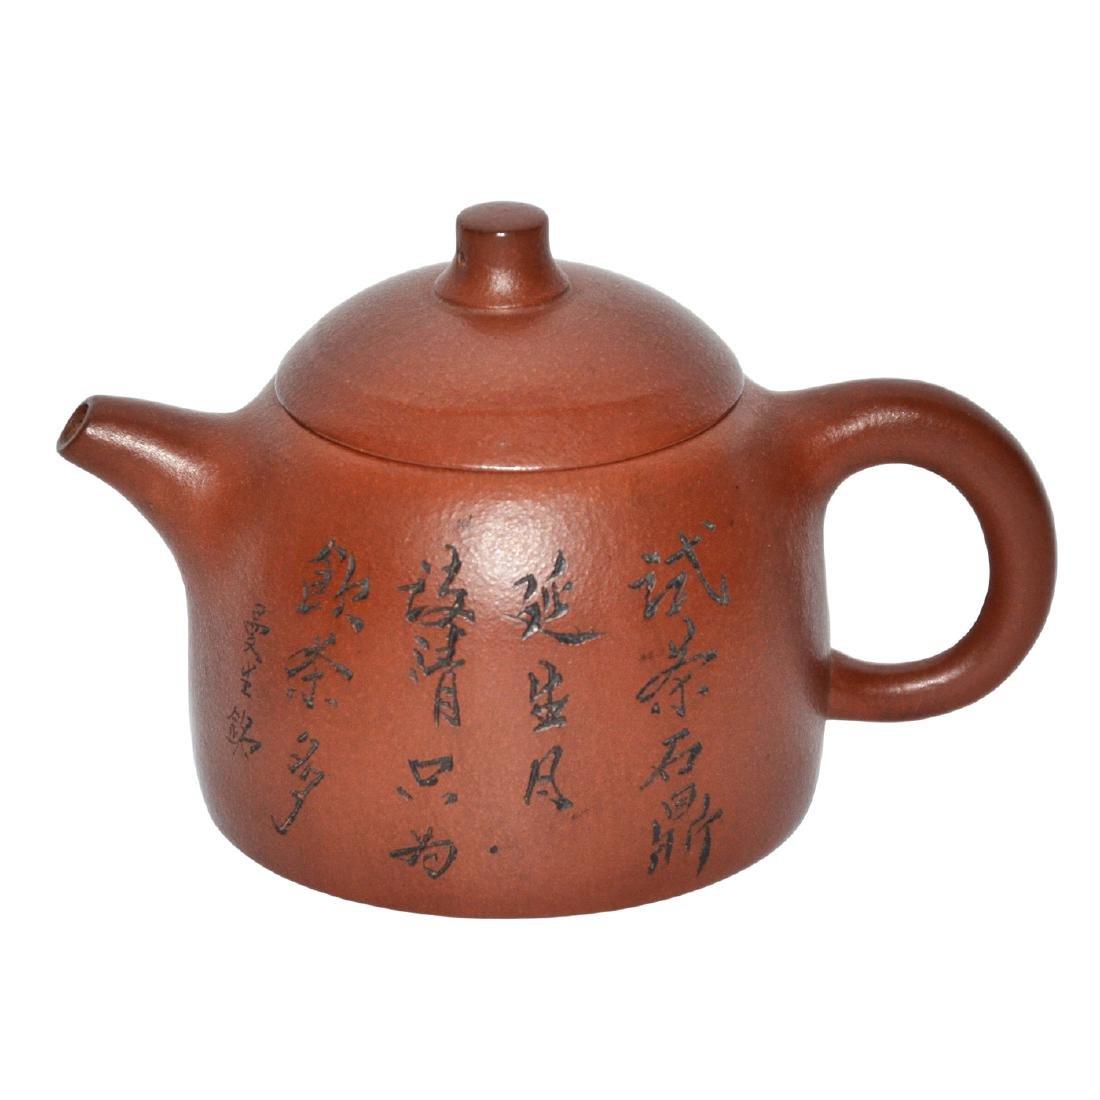 Chen Mansheng and Zhu Kexin, co-created Zisha Teapot